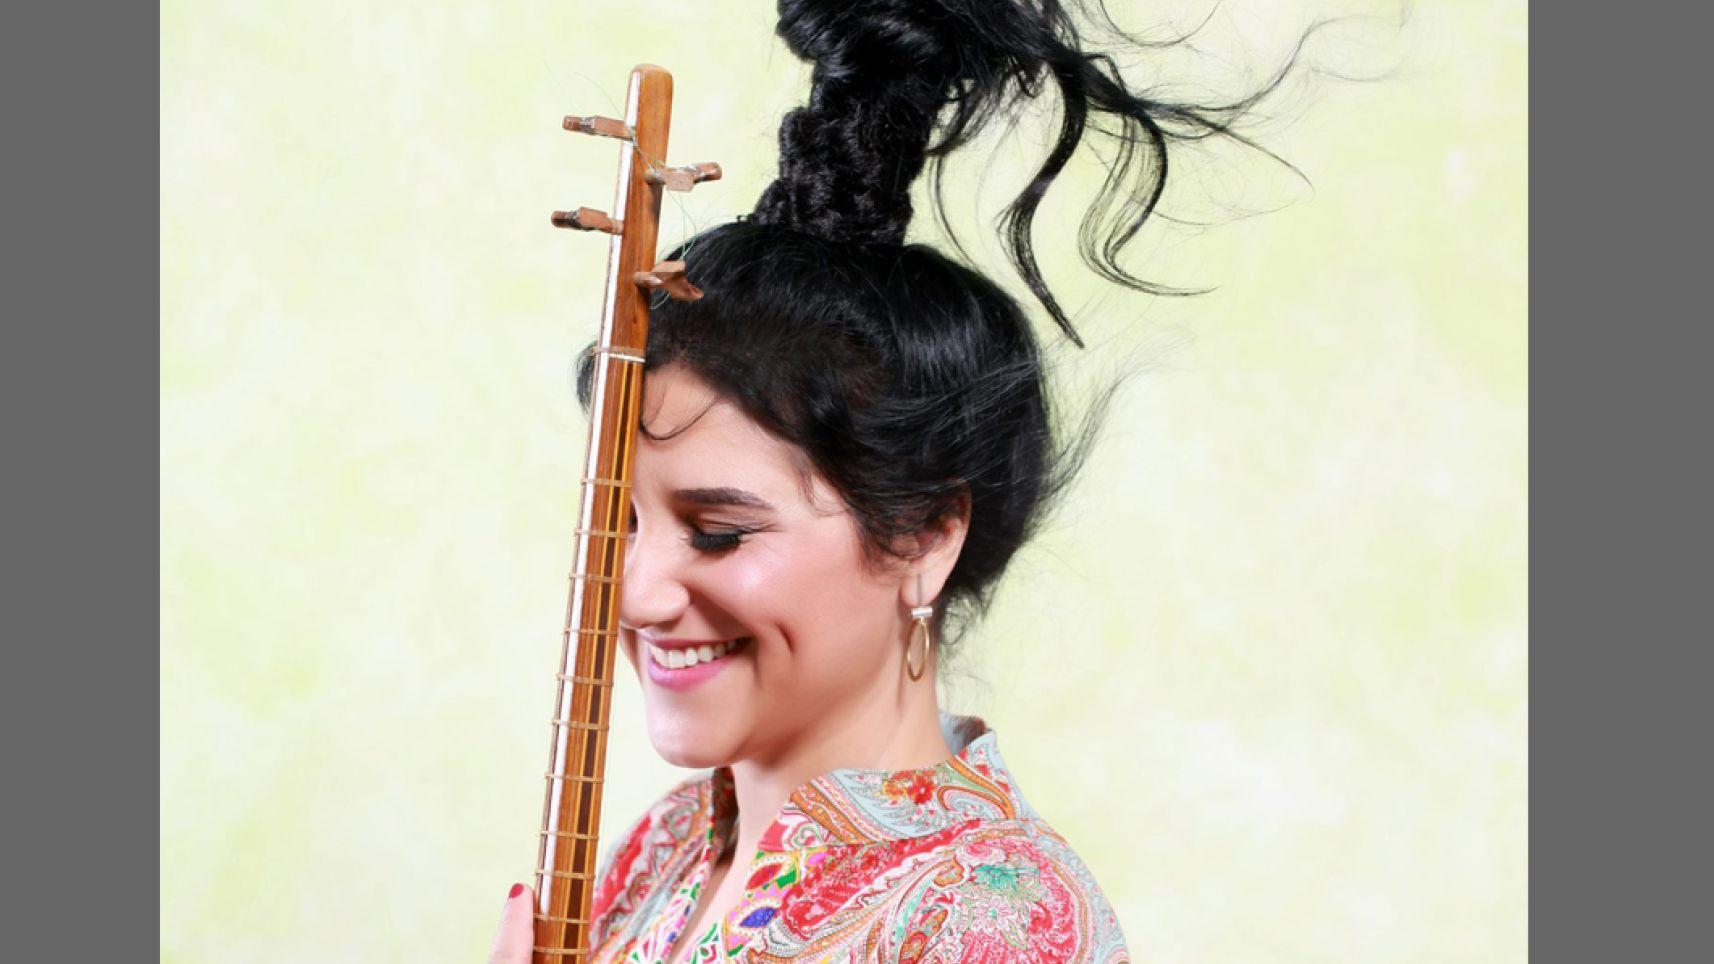 Farsi Album by Israeli Singer, Breathtaking: Farsi Album by Israeli Singer, Middle East Politics & Culture Journal